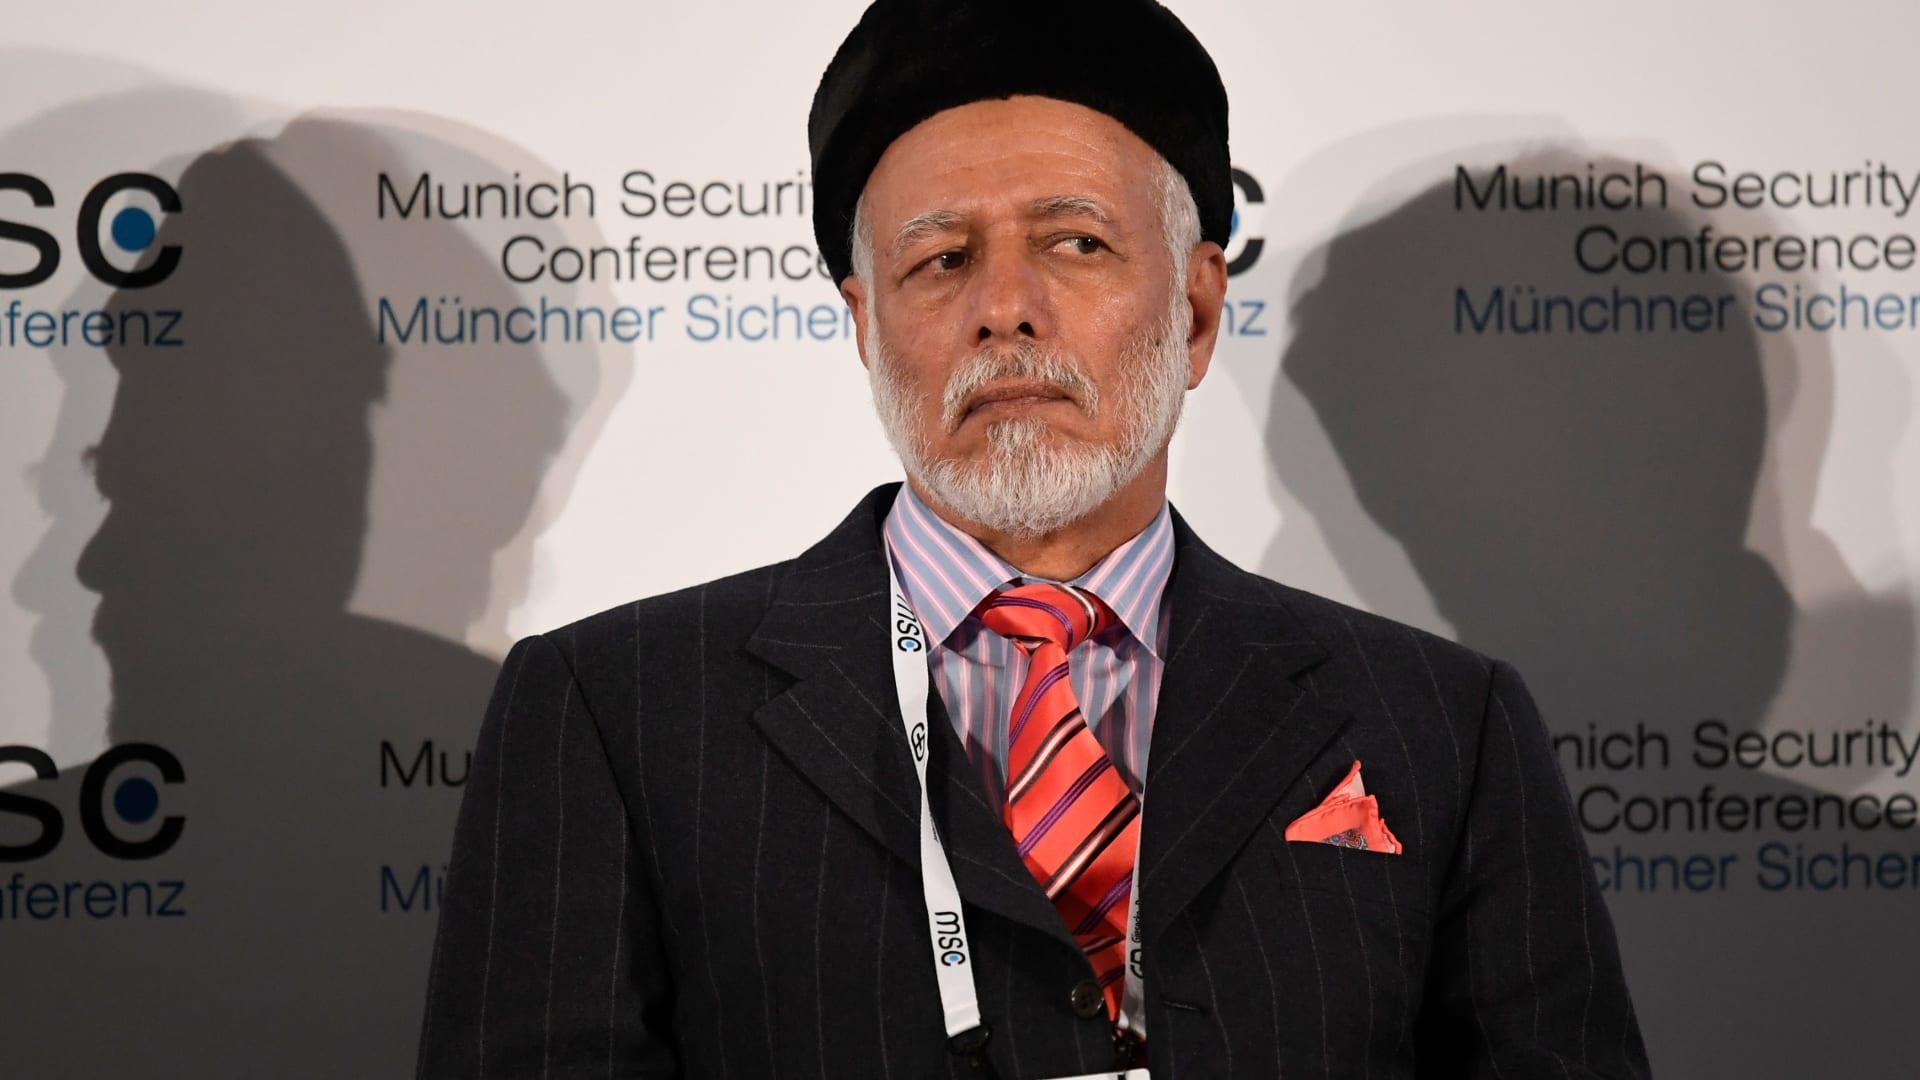 وزير خارجية عُمان لـCNN: إسرائيل تحتاج للعيش بسلام